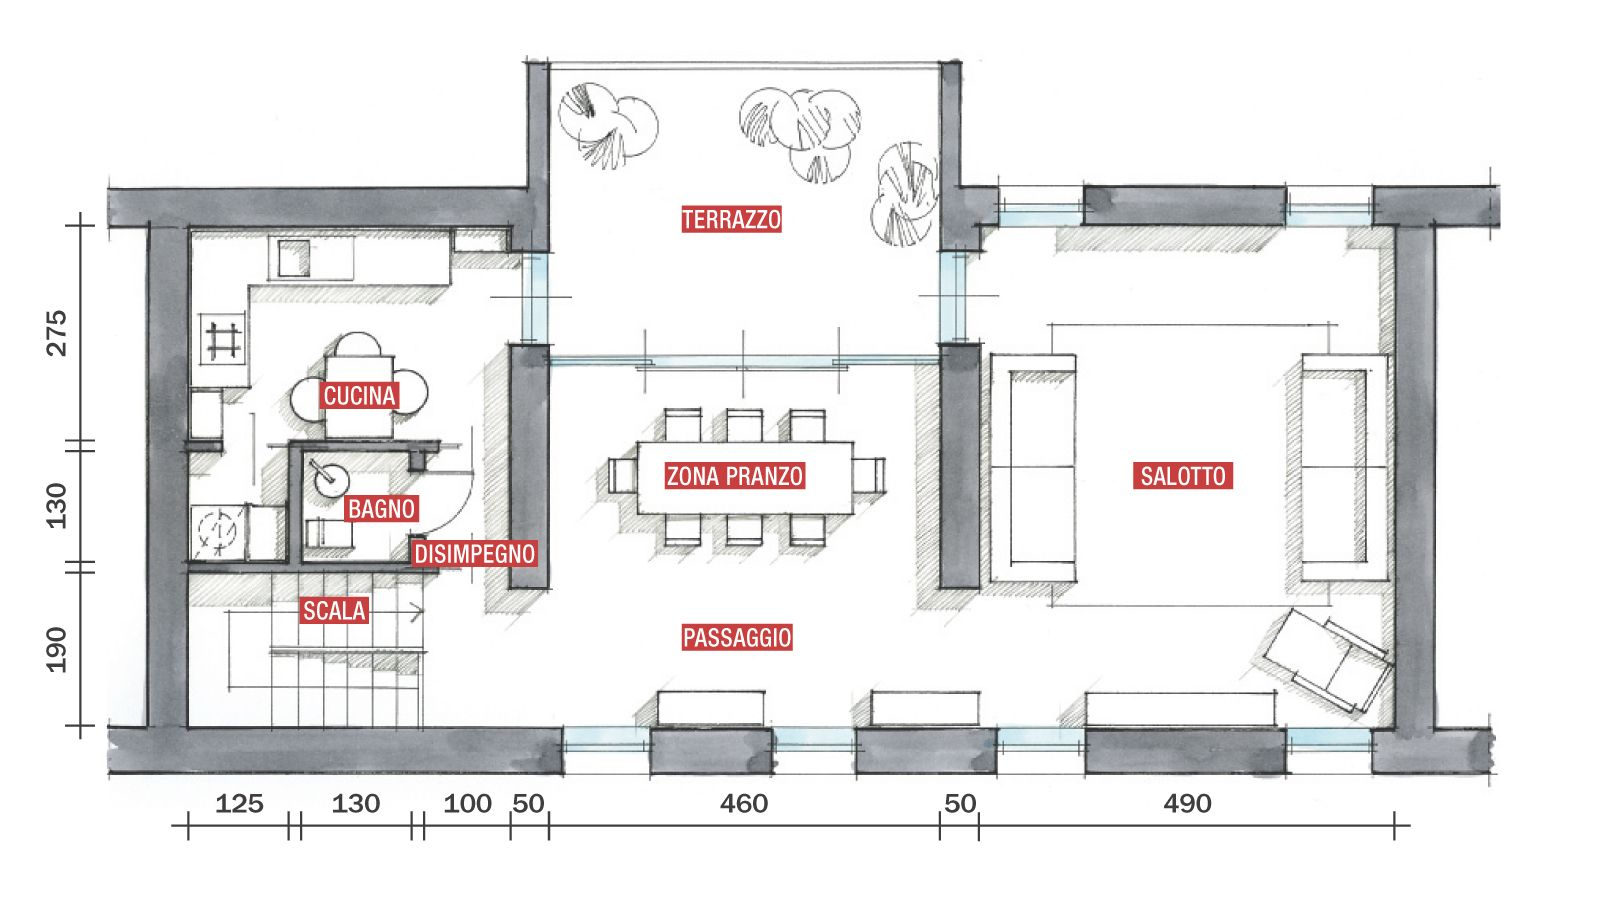 Planimetria Casa Con Misure progetti case su due piani | progetto casa, case, case